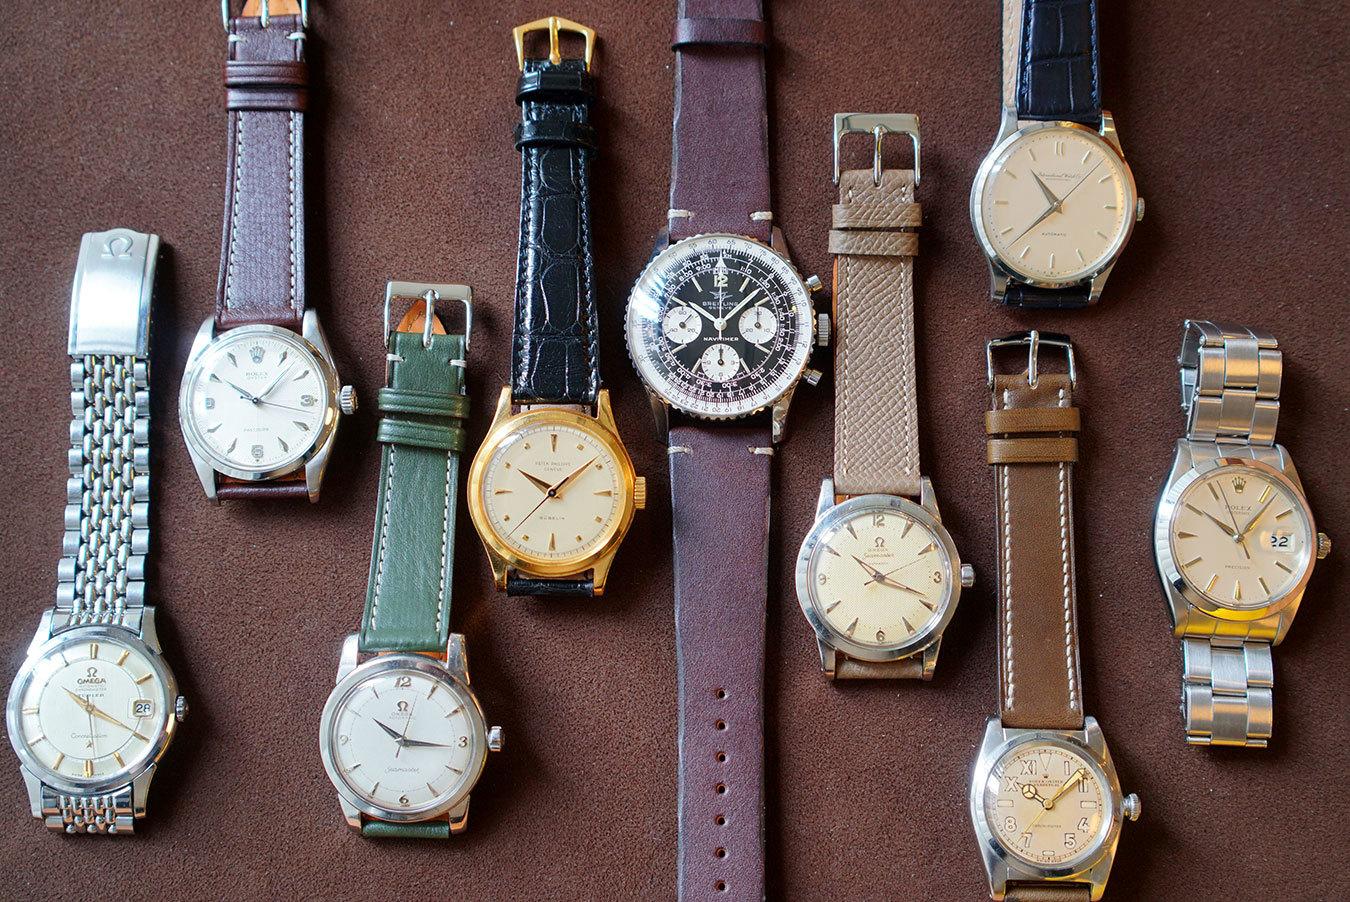 デジタル全盛の今だからこそ愛しい機械式アンティーク時計の世界